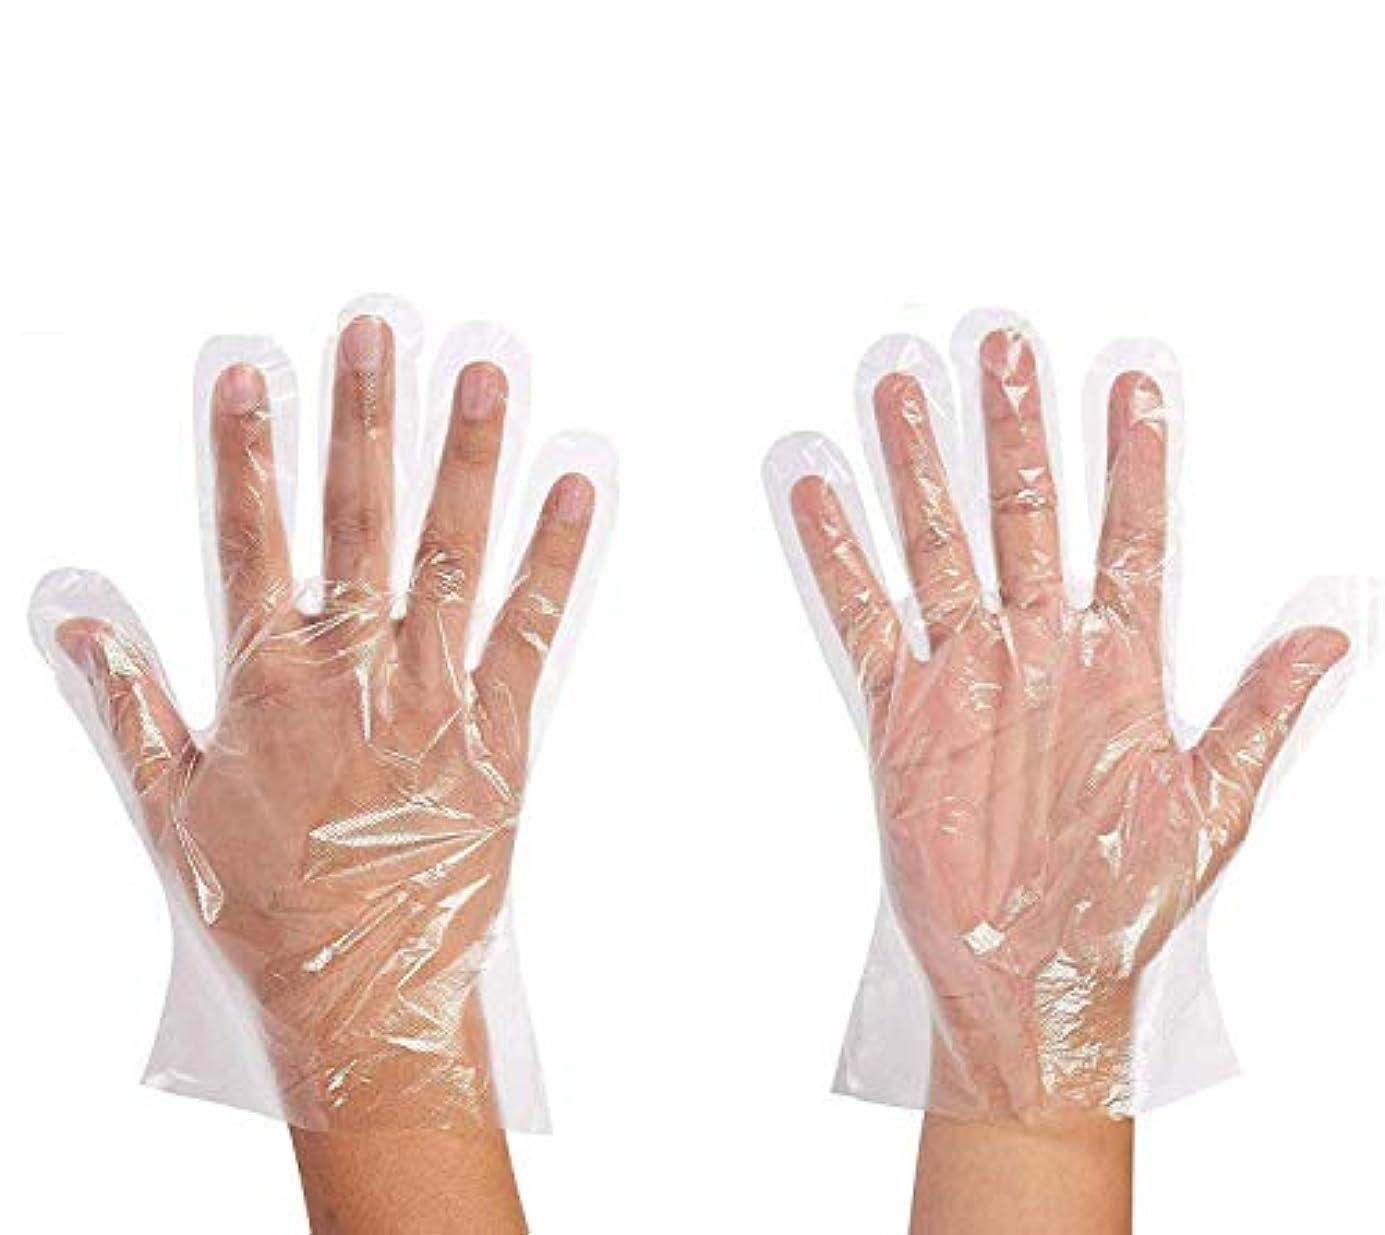 偶然ピッチ軽く使い捨て手袋 ポリエチレン 防水耐久性が強い上に軽く高品質 極薄 透明 500枚セット